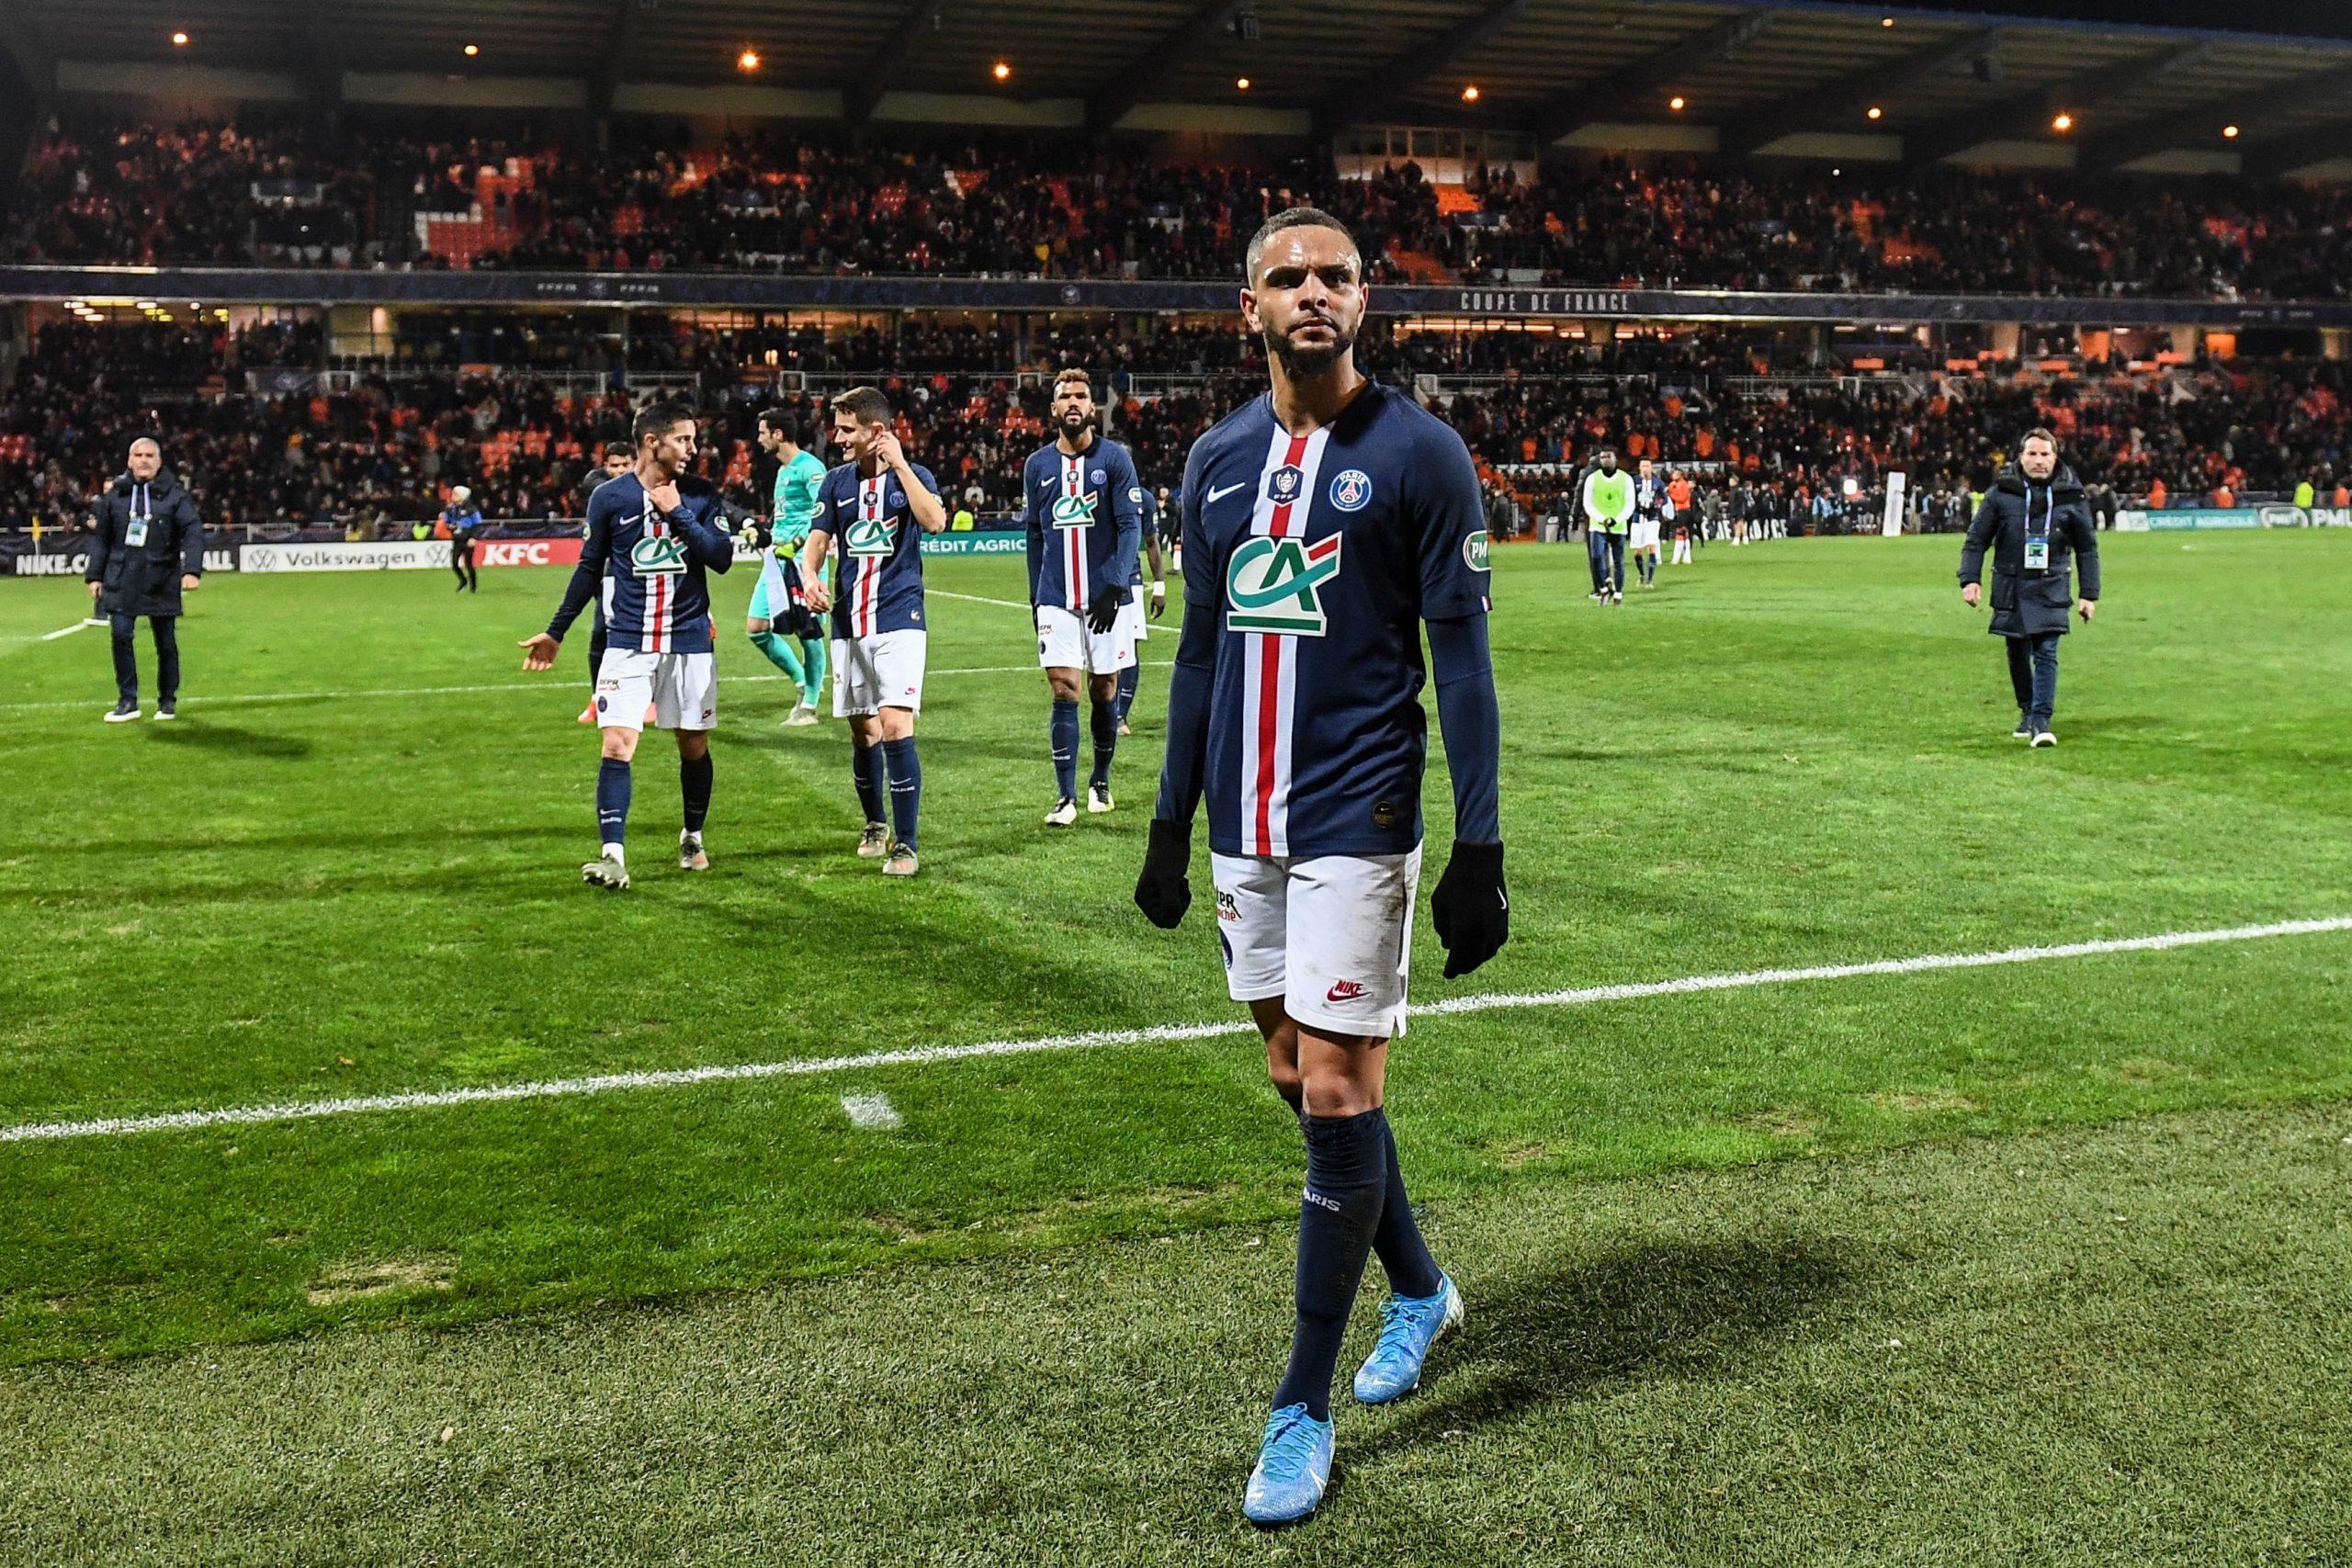 Mercato - Le PSG veut 5 millions d'euros pour Kurzawa et Arsenal a lancé la discussion, selon The Telegraph